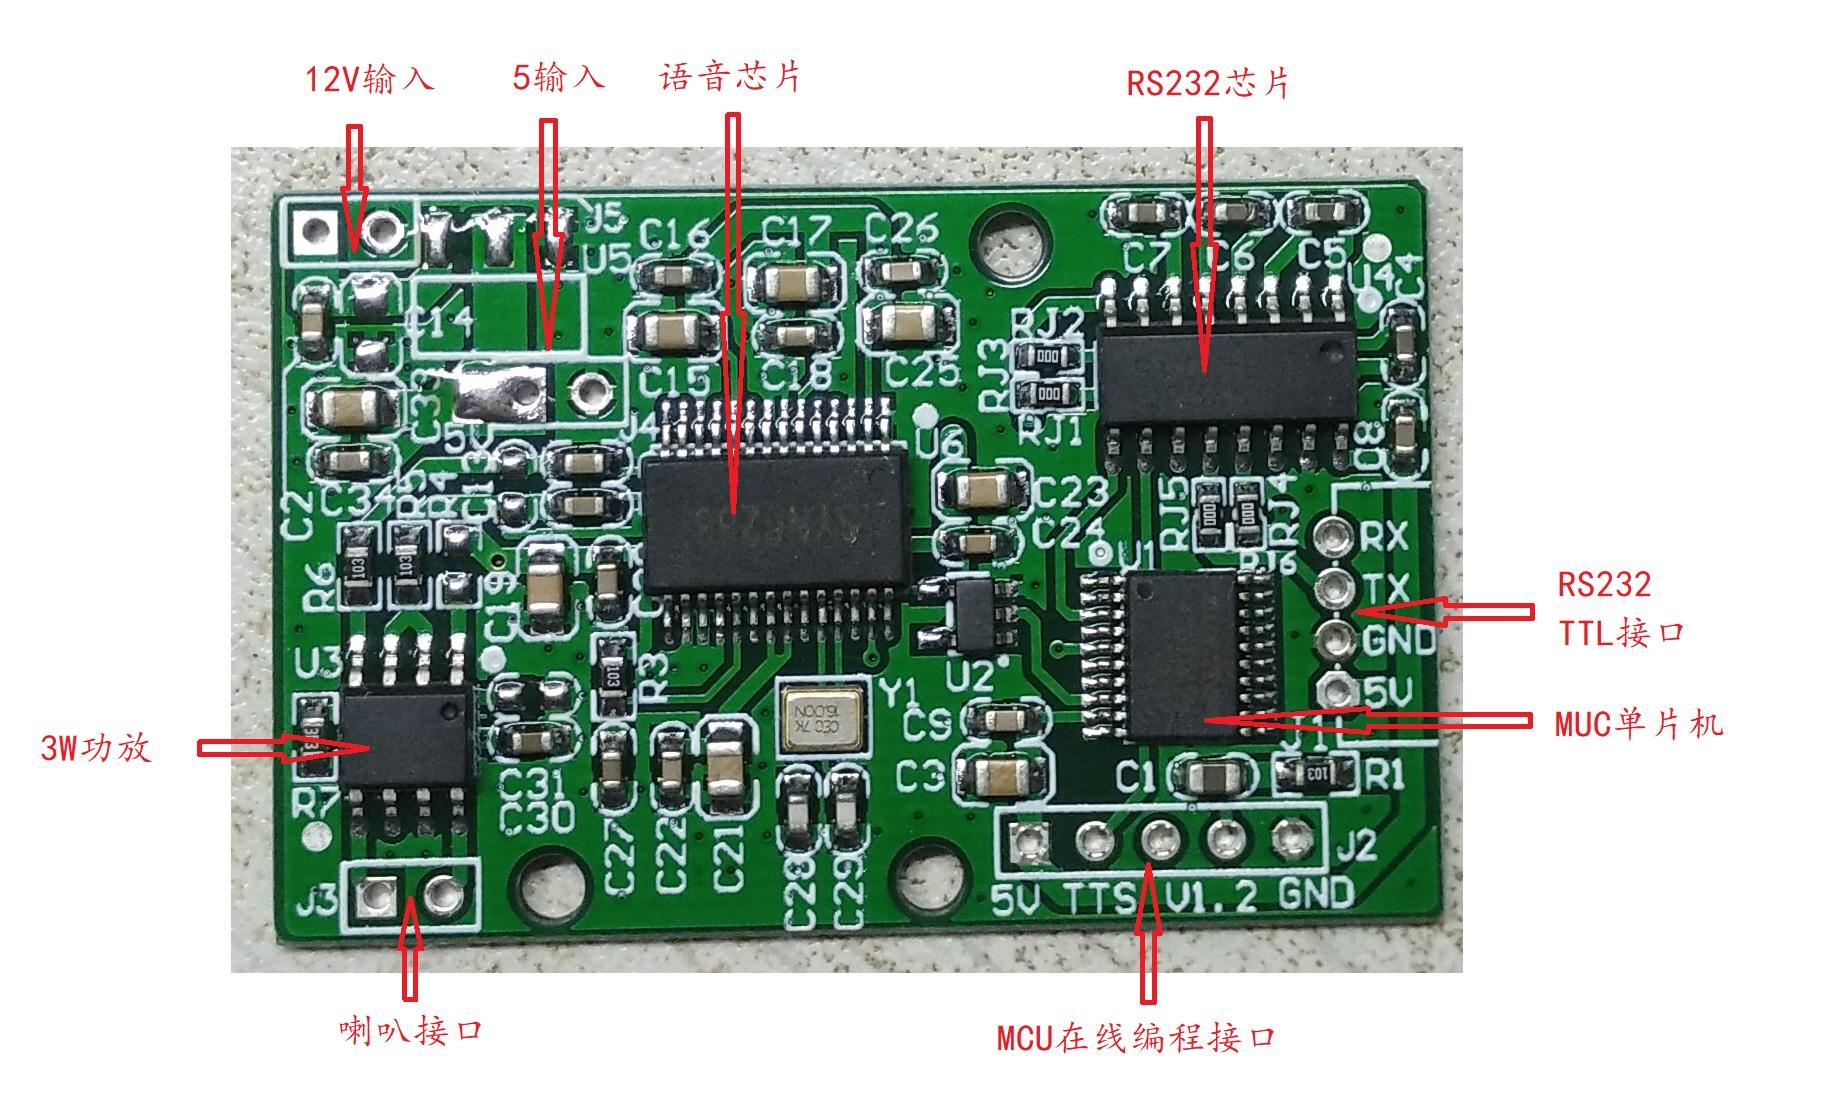 基于SYN6288芯片帶TTL/RS232接口的TTS語音開發板